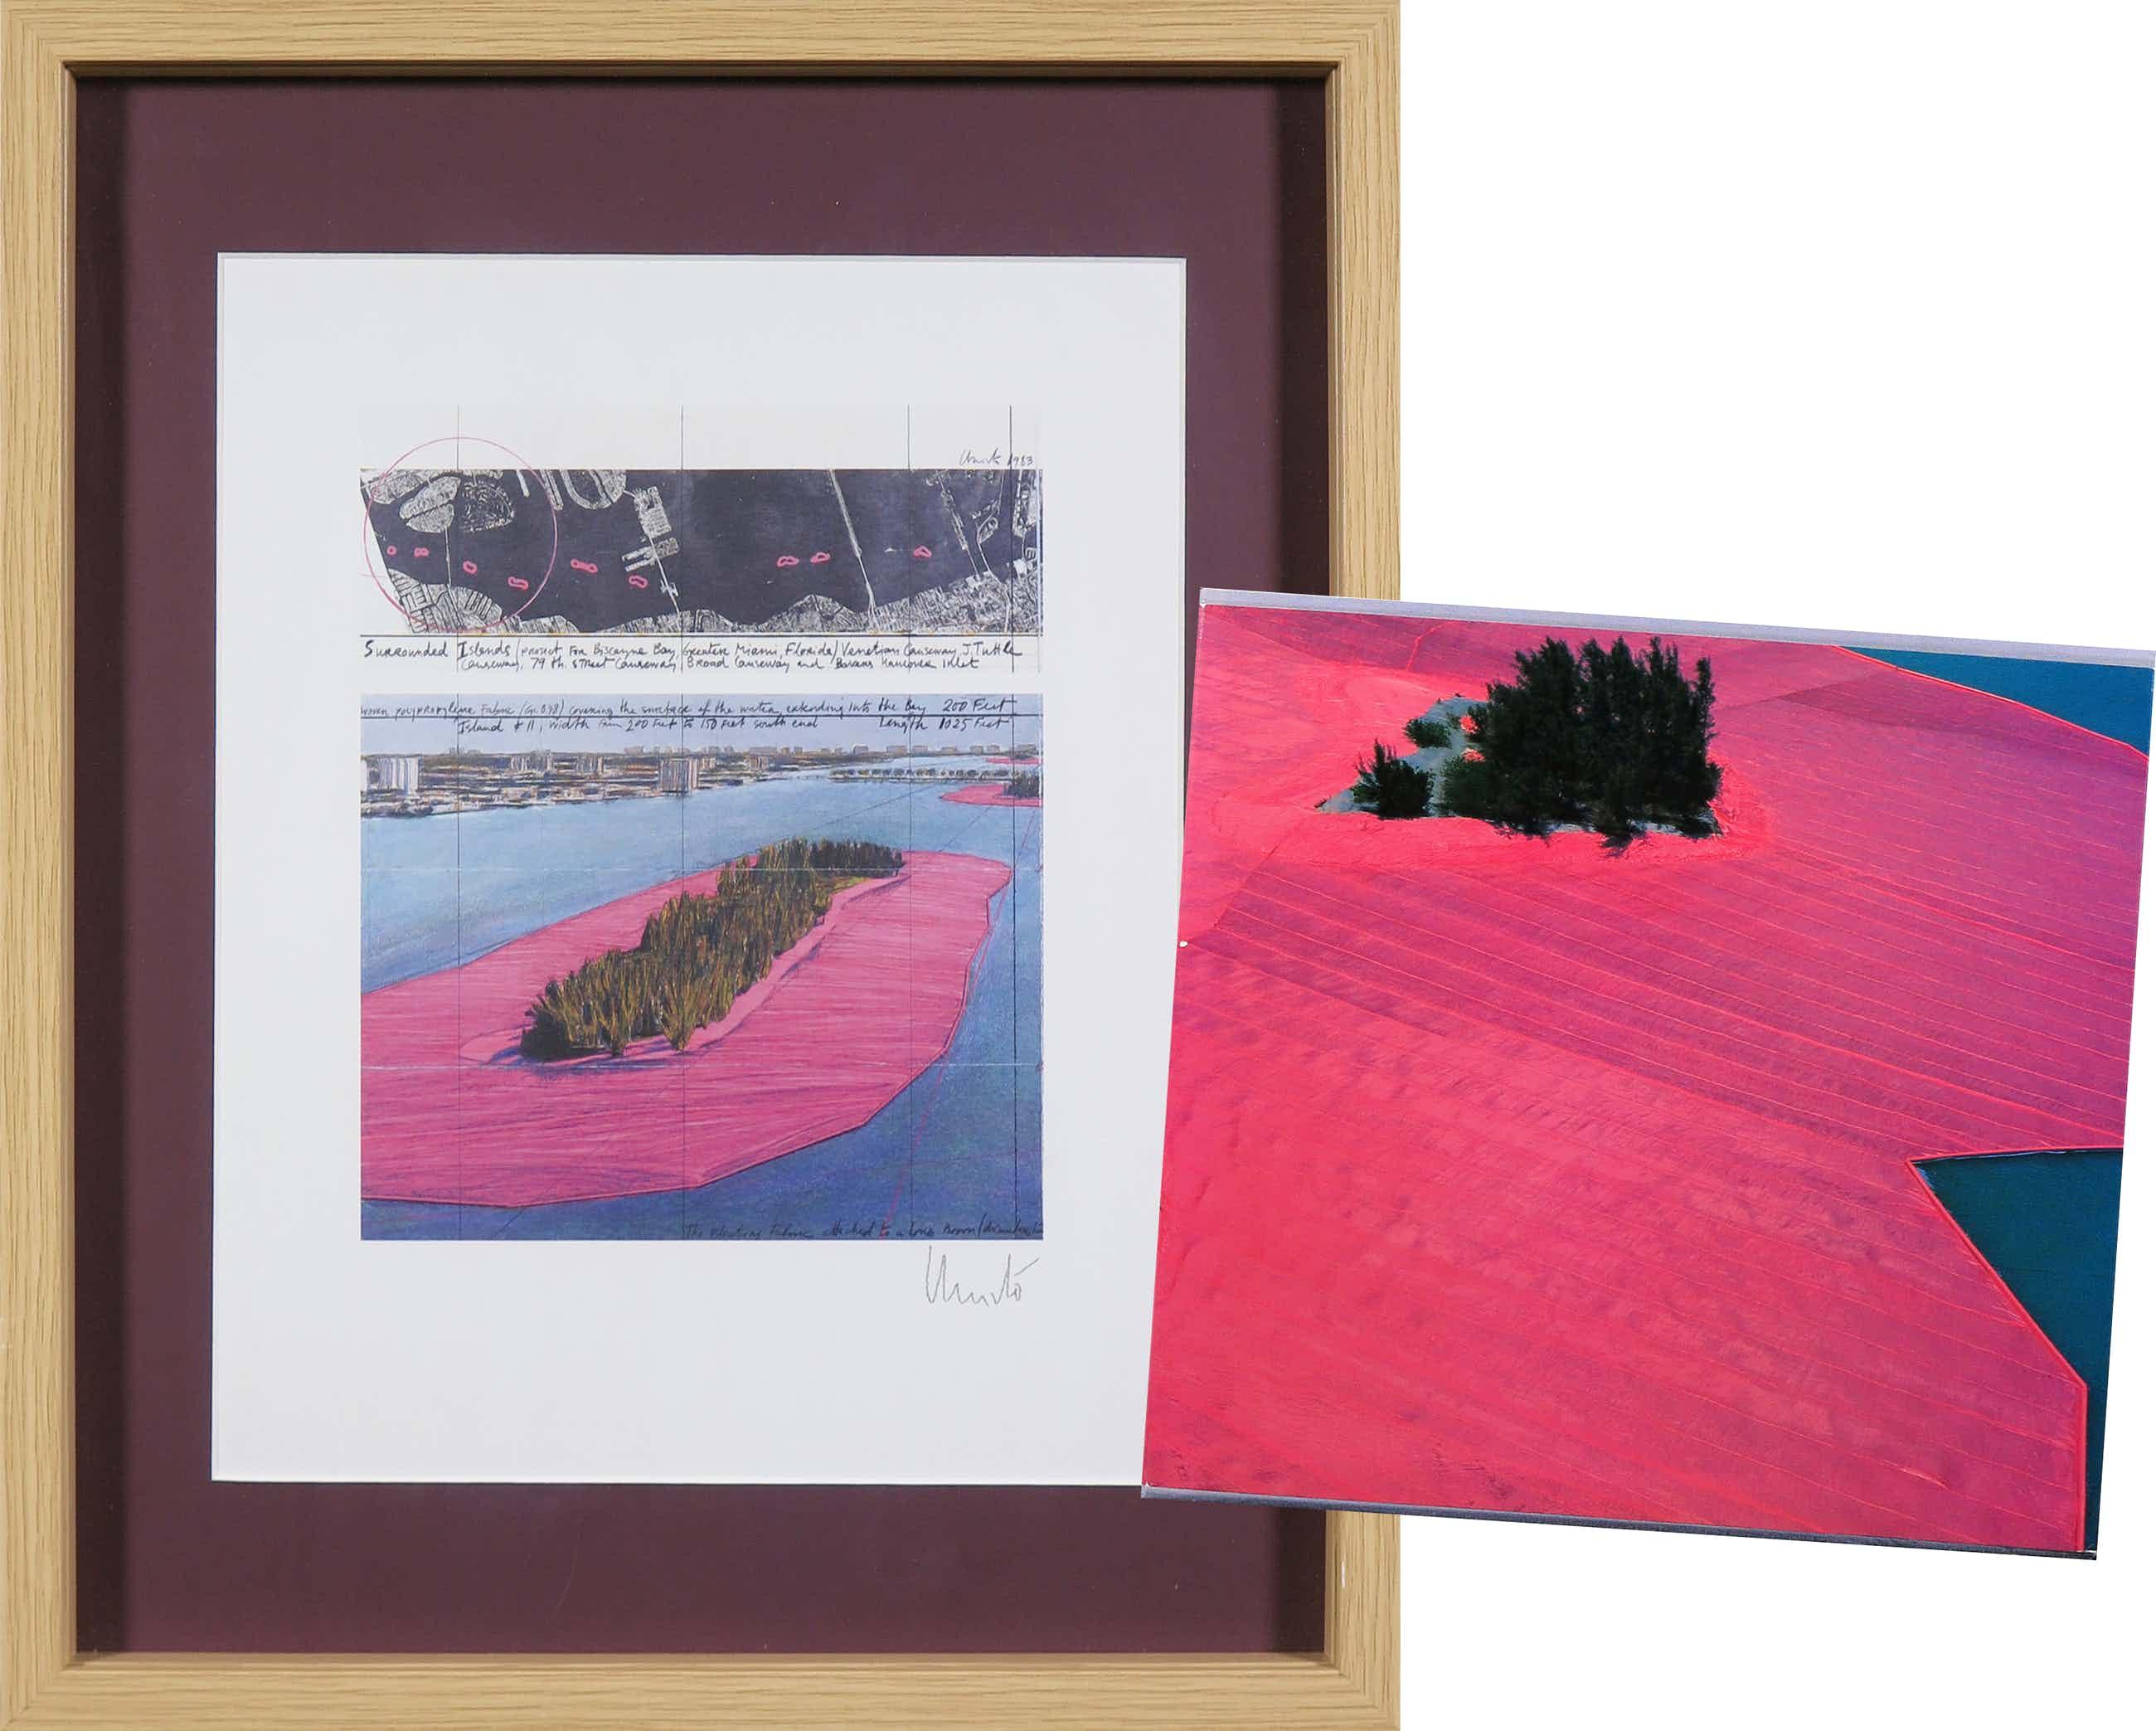 Christo - Handgesigneerd exemplaar Surrounded Islands + boek met gesigneerde artcard! - Ingelijst kopen? Bied vanaf 440!